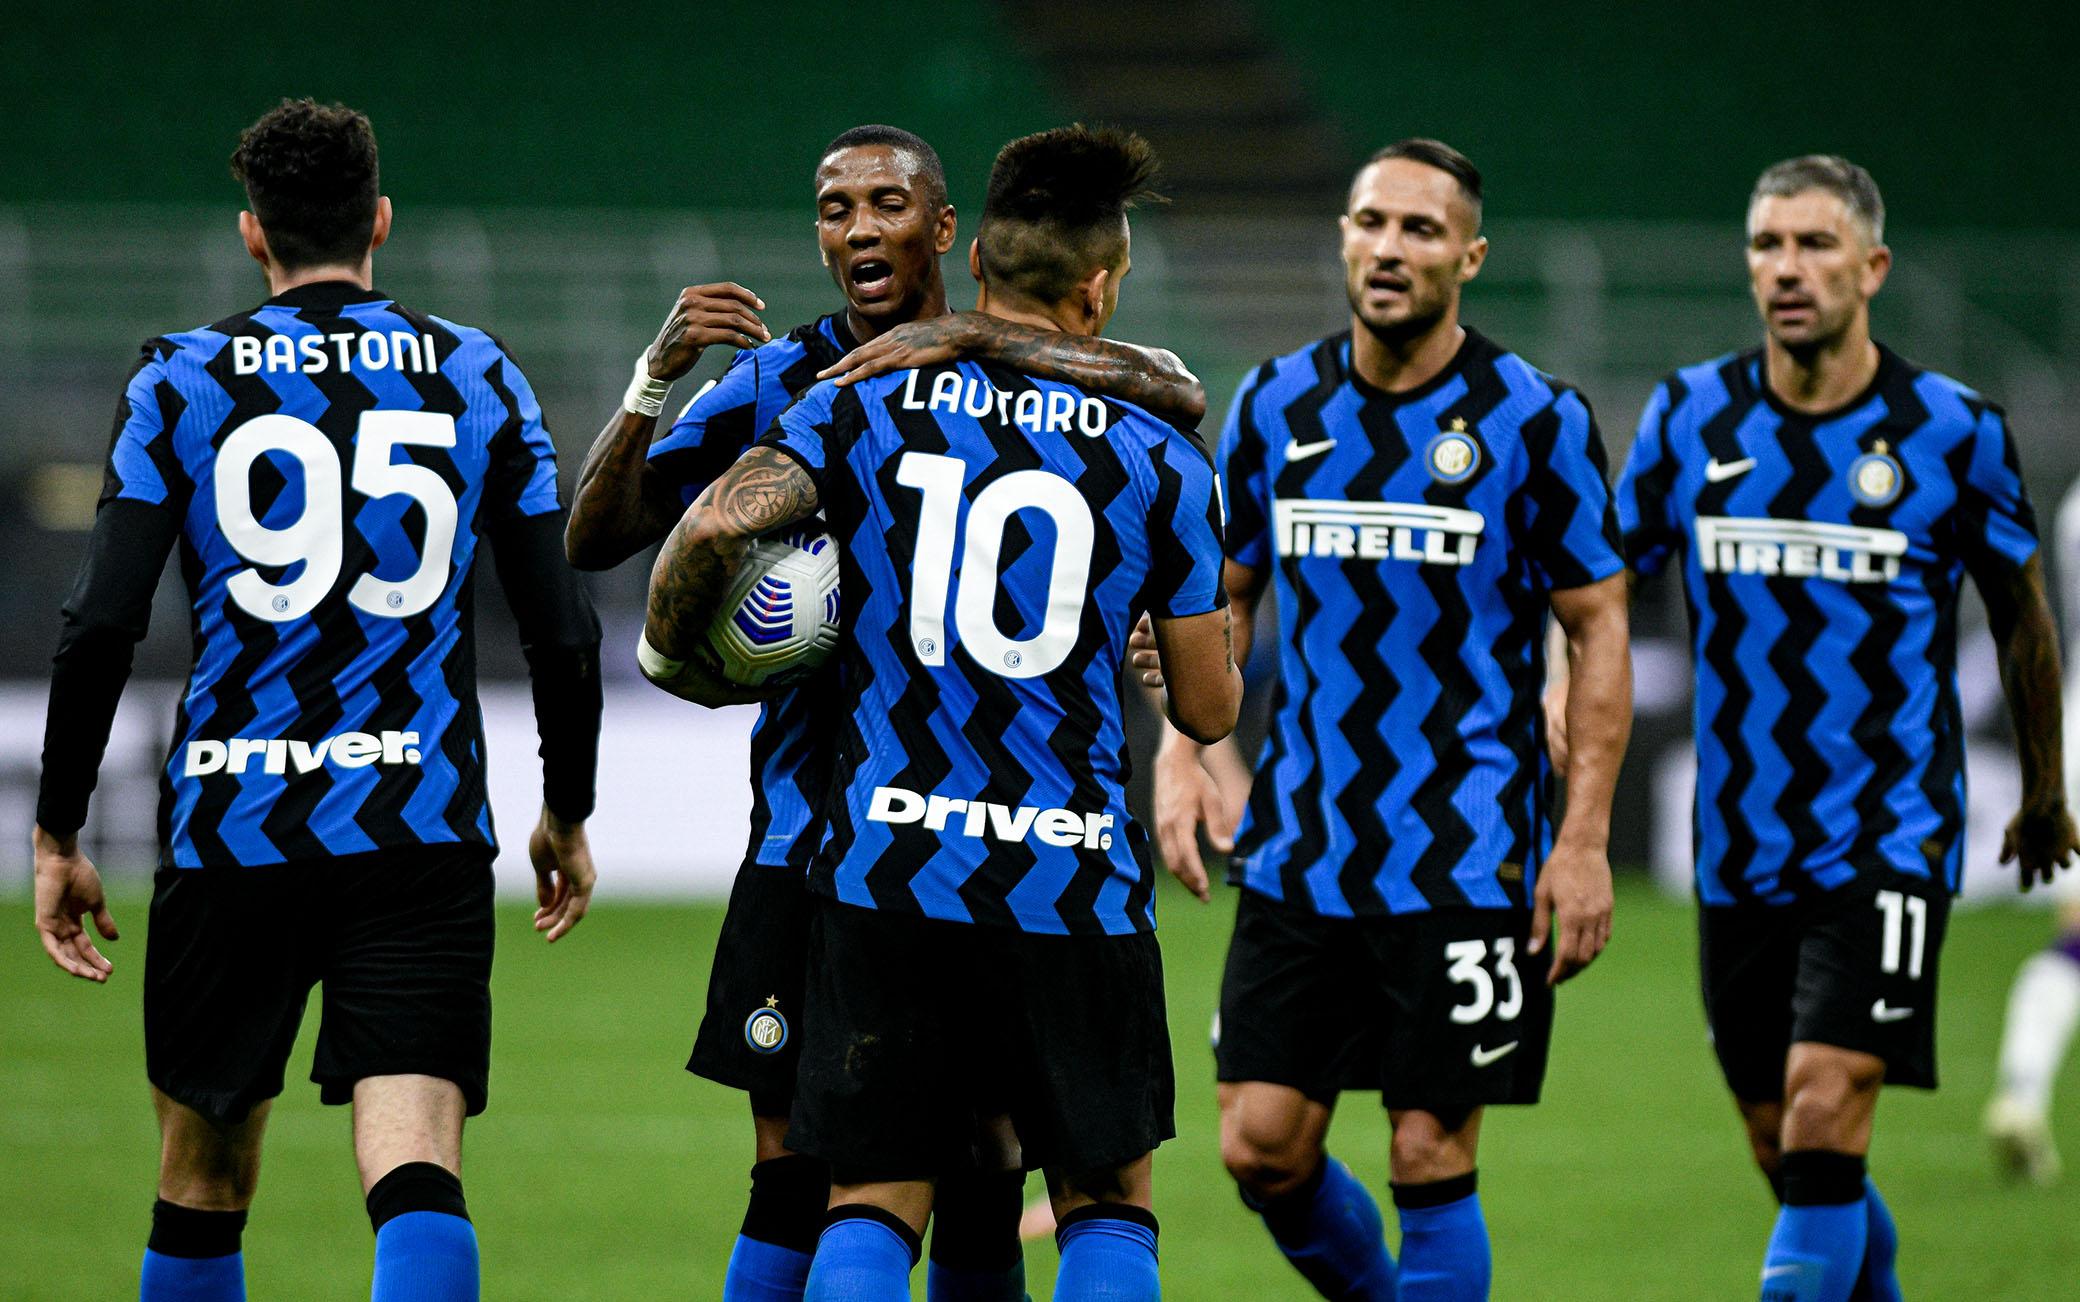 Fuochi d'artificio a San Siro, Inter batte Fiorentina 4-3 - CIP